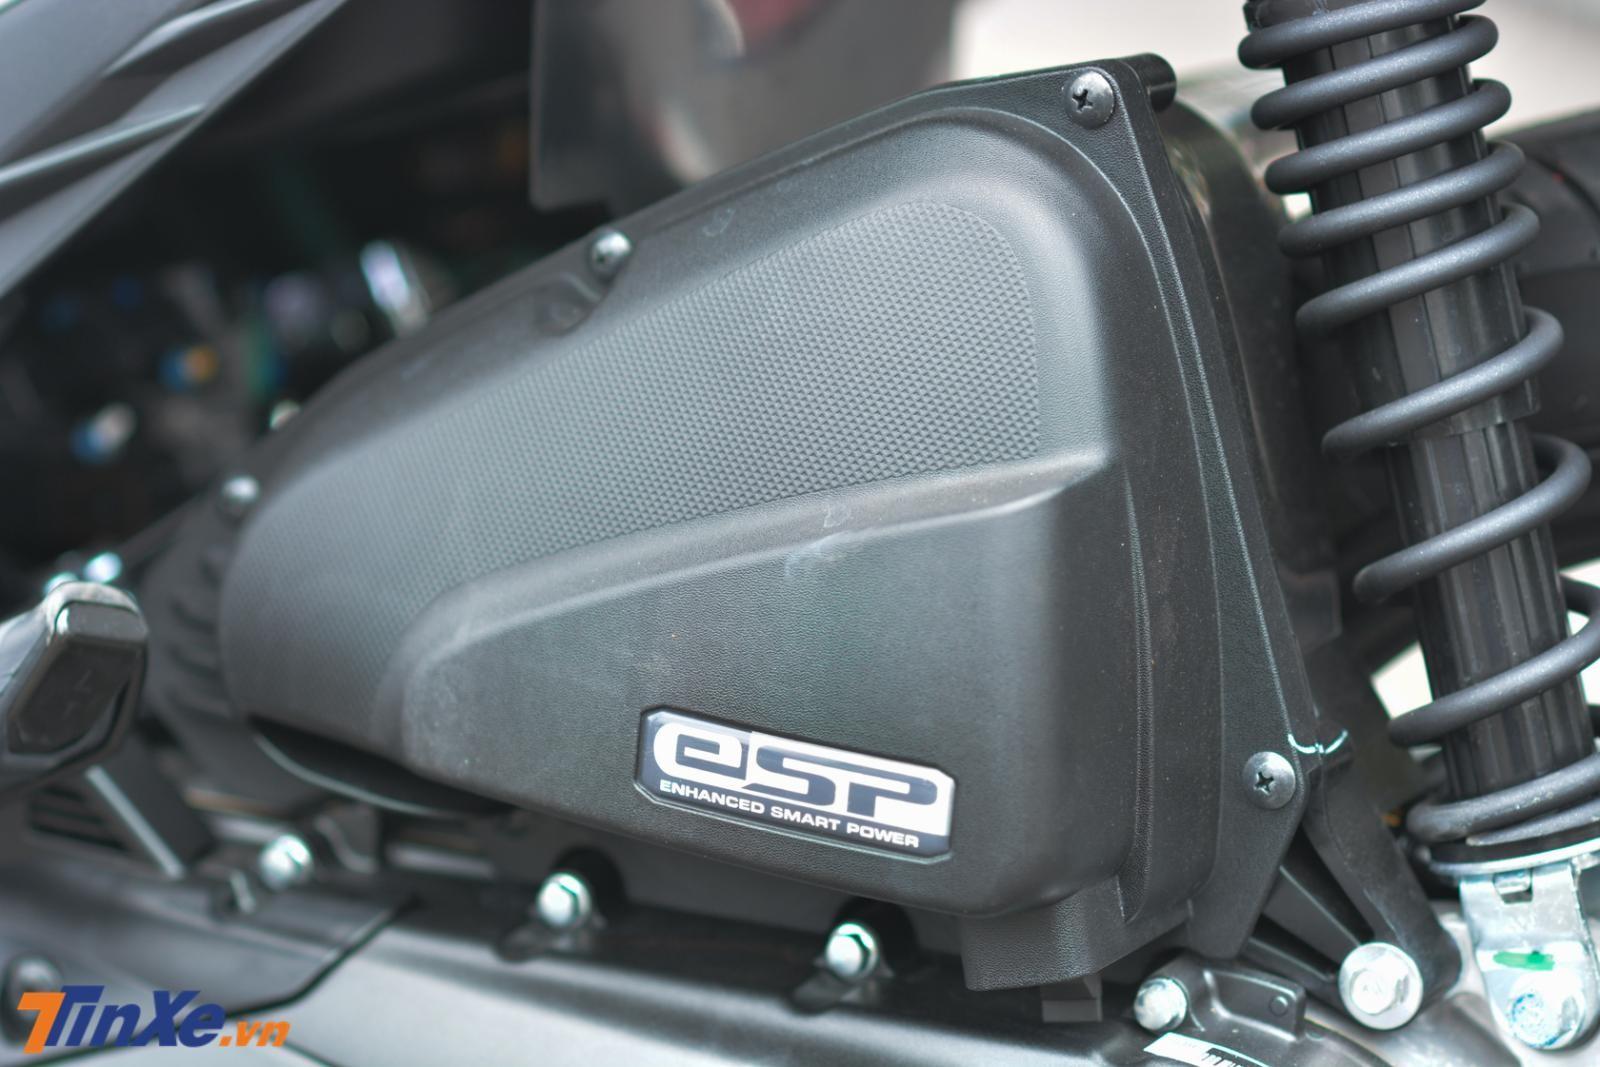 Tuy nhiên động cơ của Honda Beat lại khá êm và mạnh mẽ do nhờ xác xe nhẹ